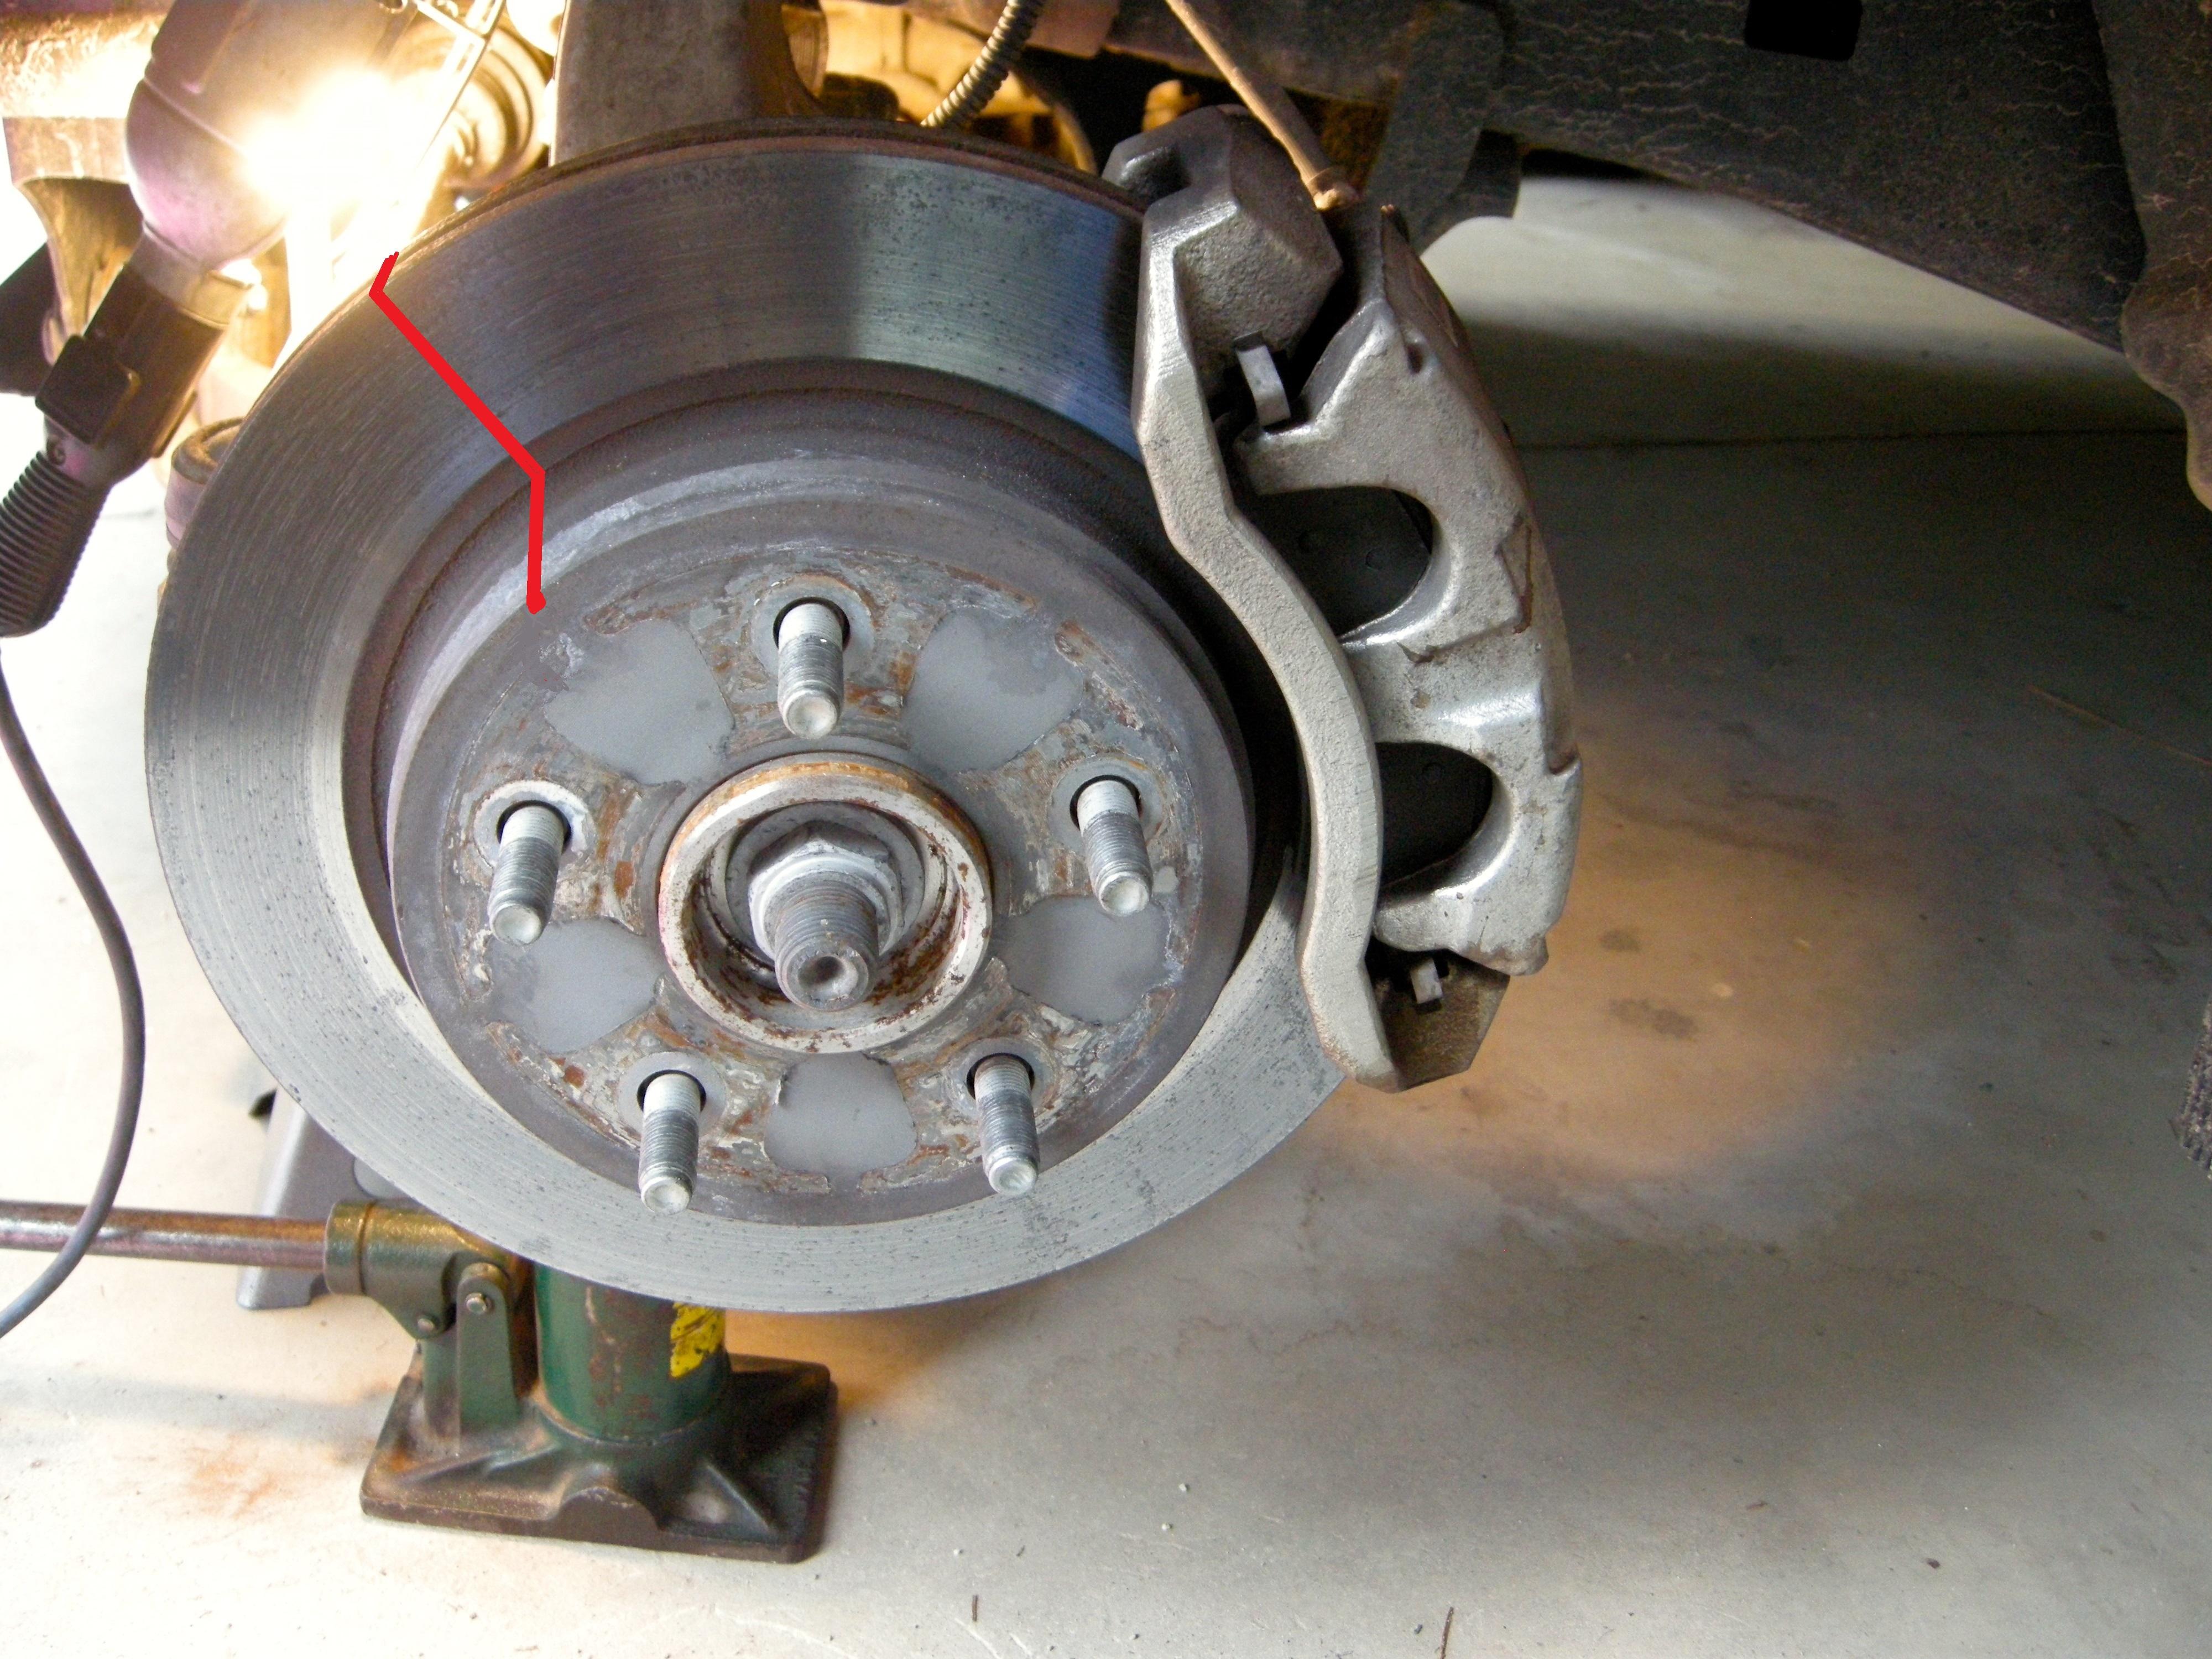 Lubing the slides for thr the disc brakes-failure-dscn0807.jpg